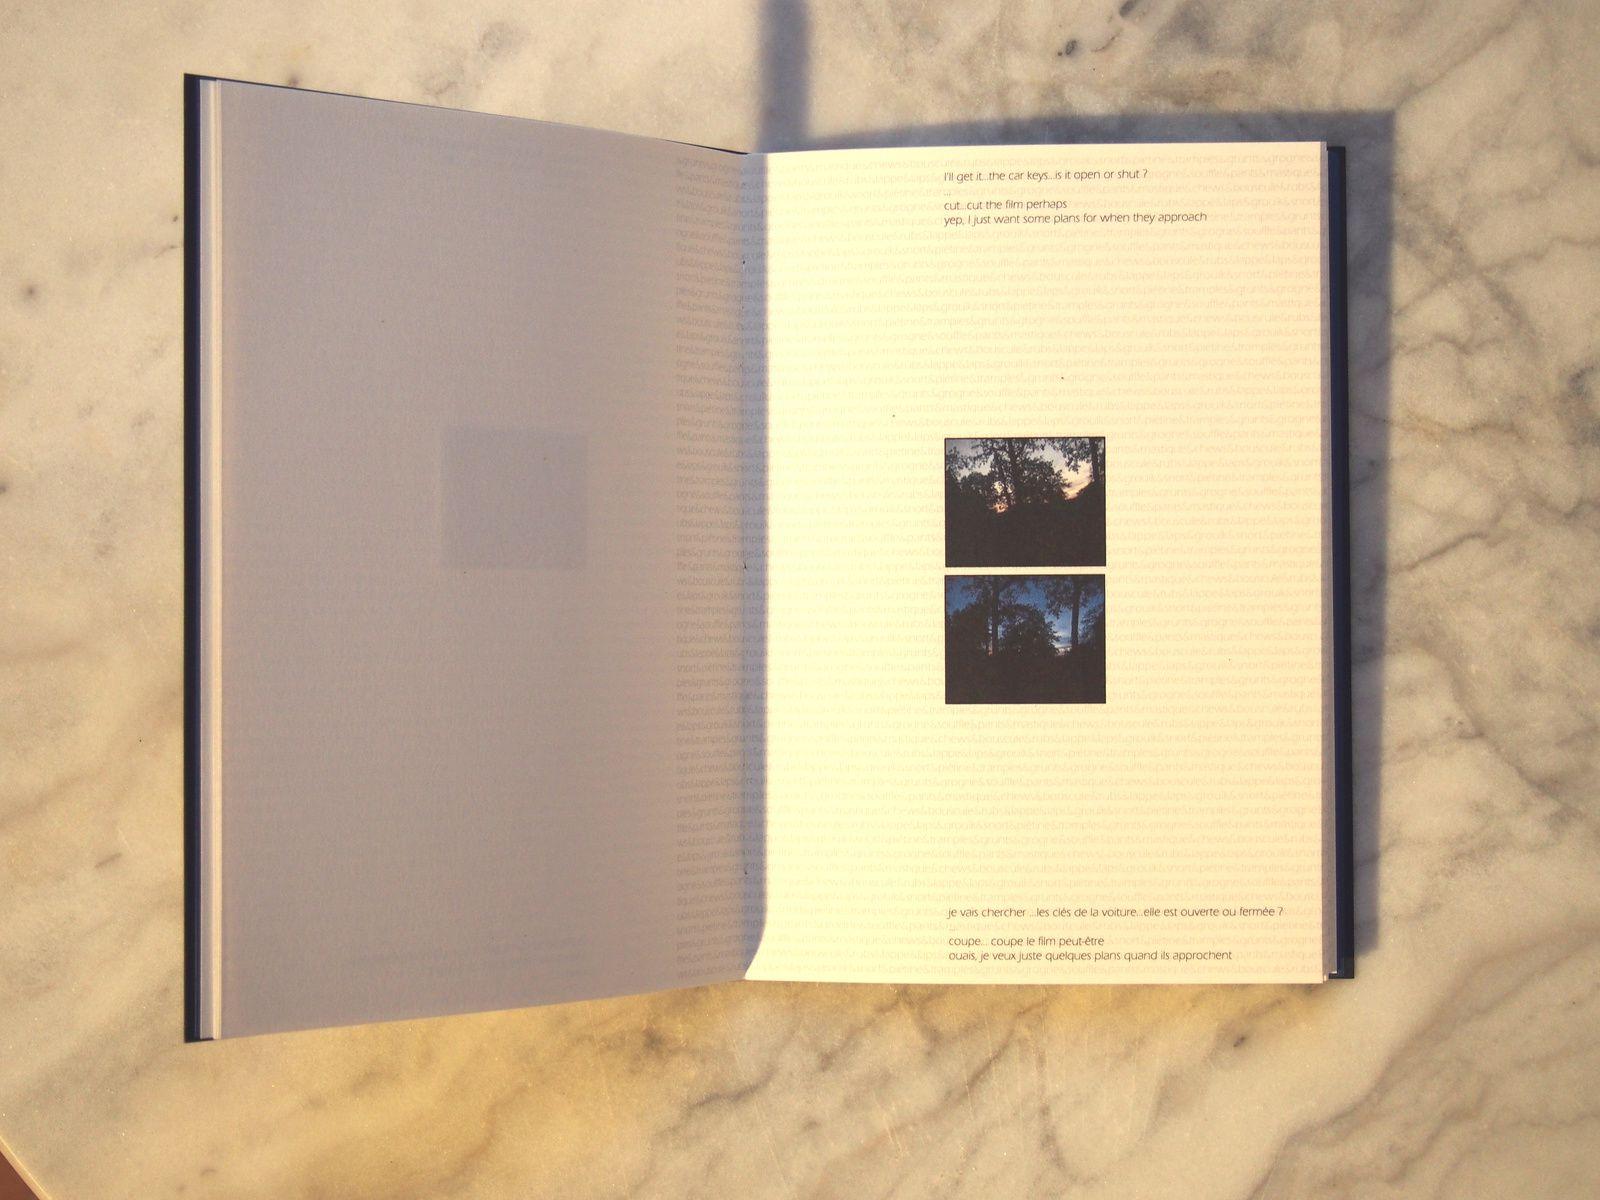 BANQUET, éditions A & L